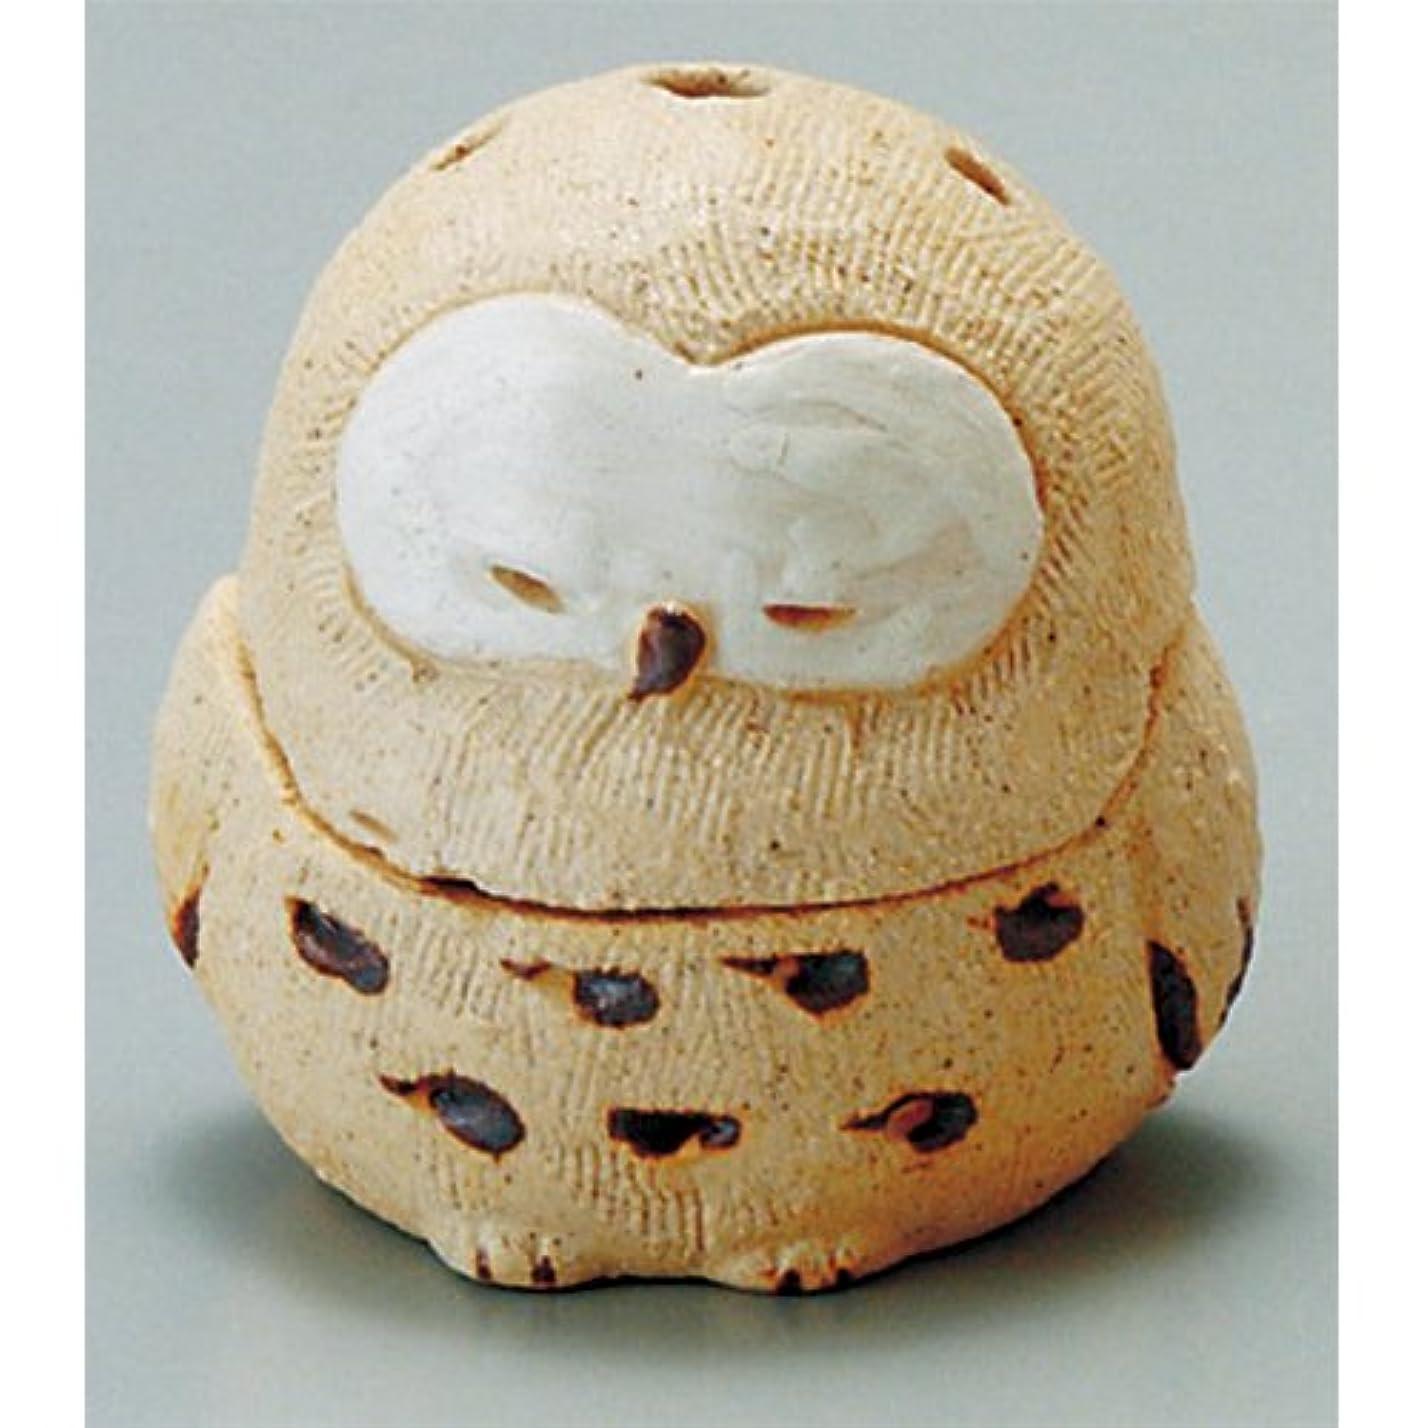 エンティティ野生暖かく香炉 蔵ふくろう 香炉(大) [H10.5cm] HANDMADE プレゼント ギフト 和食器 かわいい インテリア